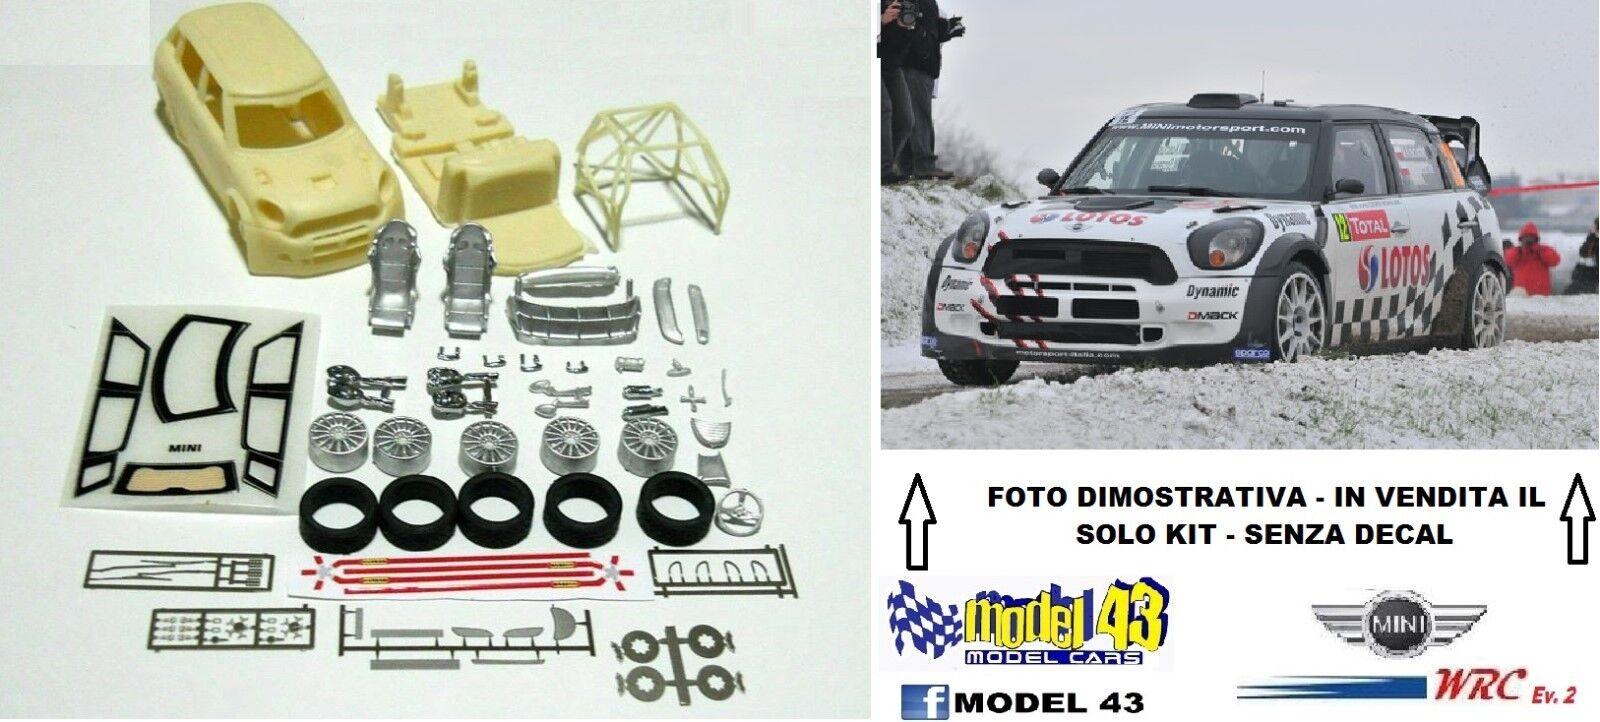 MINI WRC - Ev.2  - 2013  -   KIT MONTAGGIO -